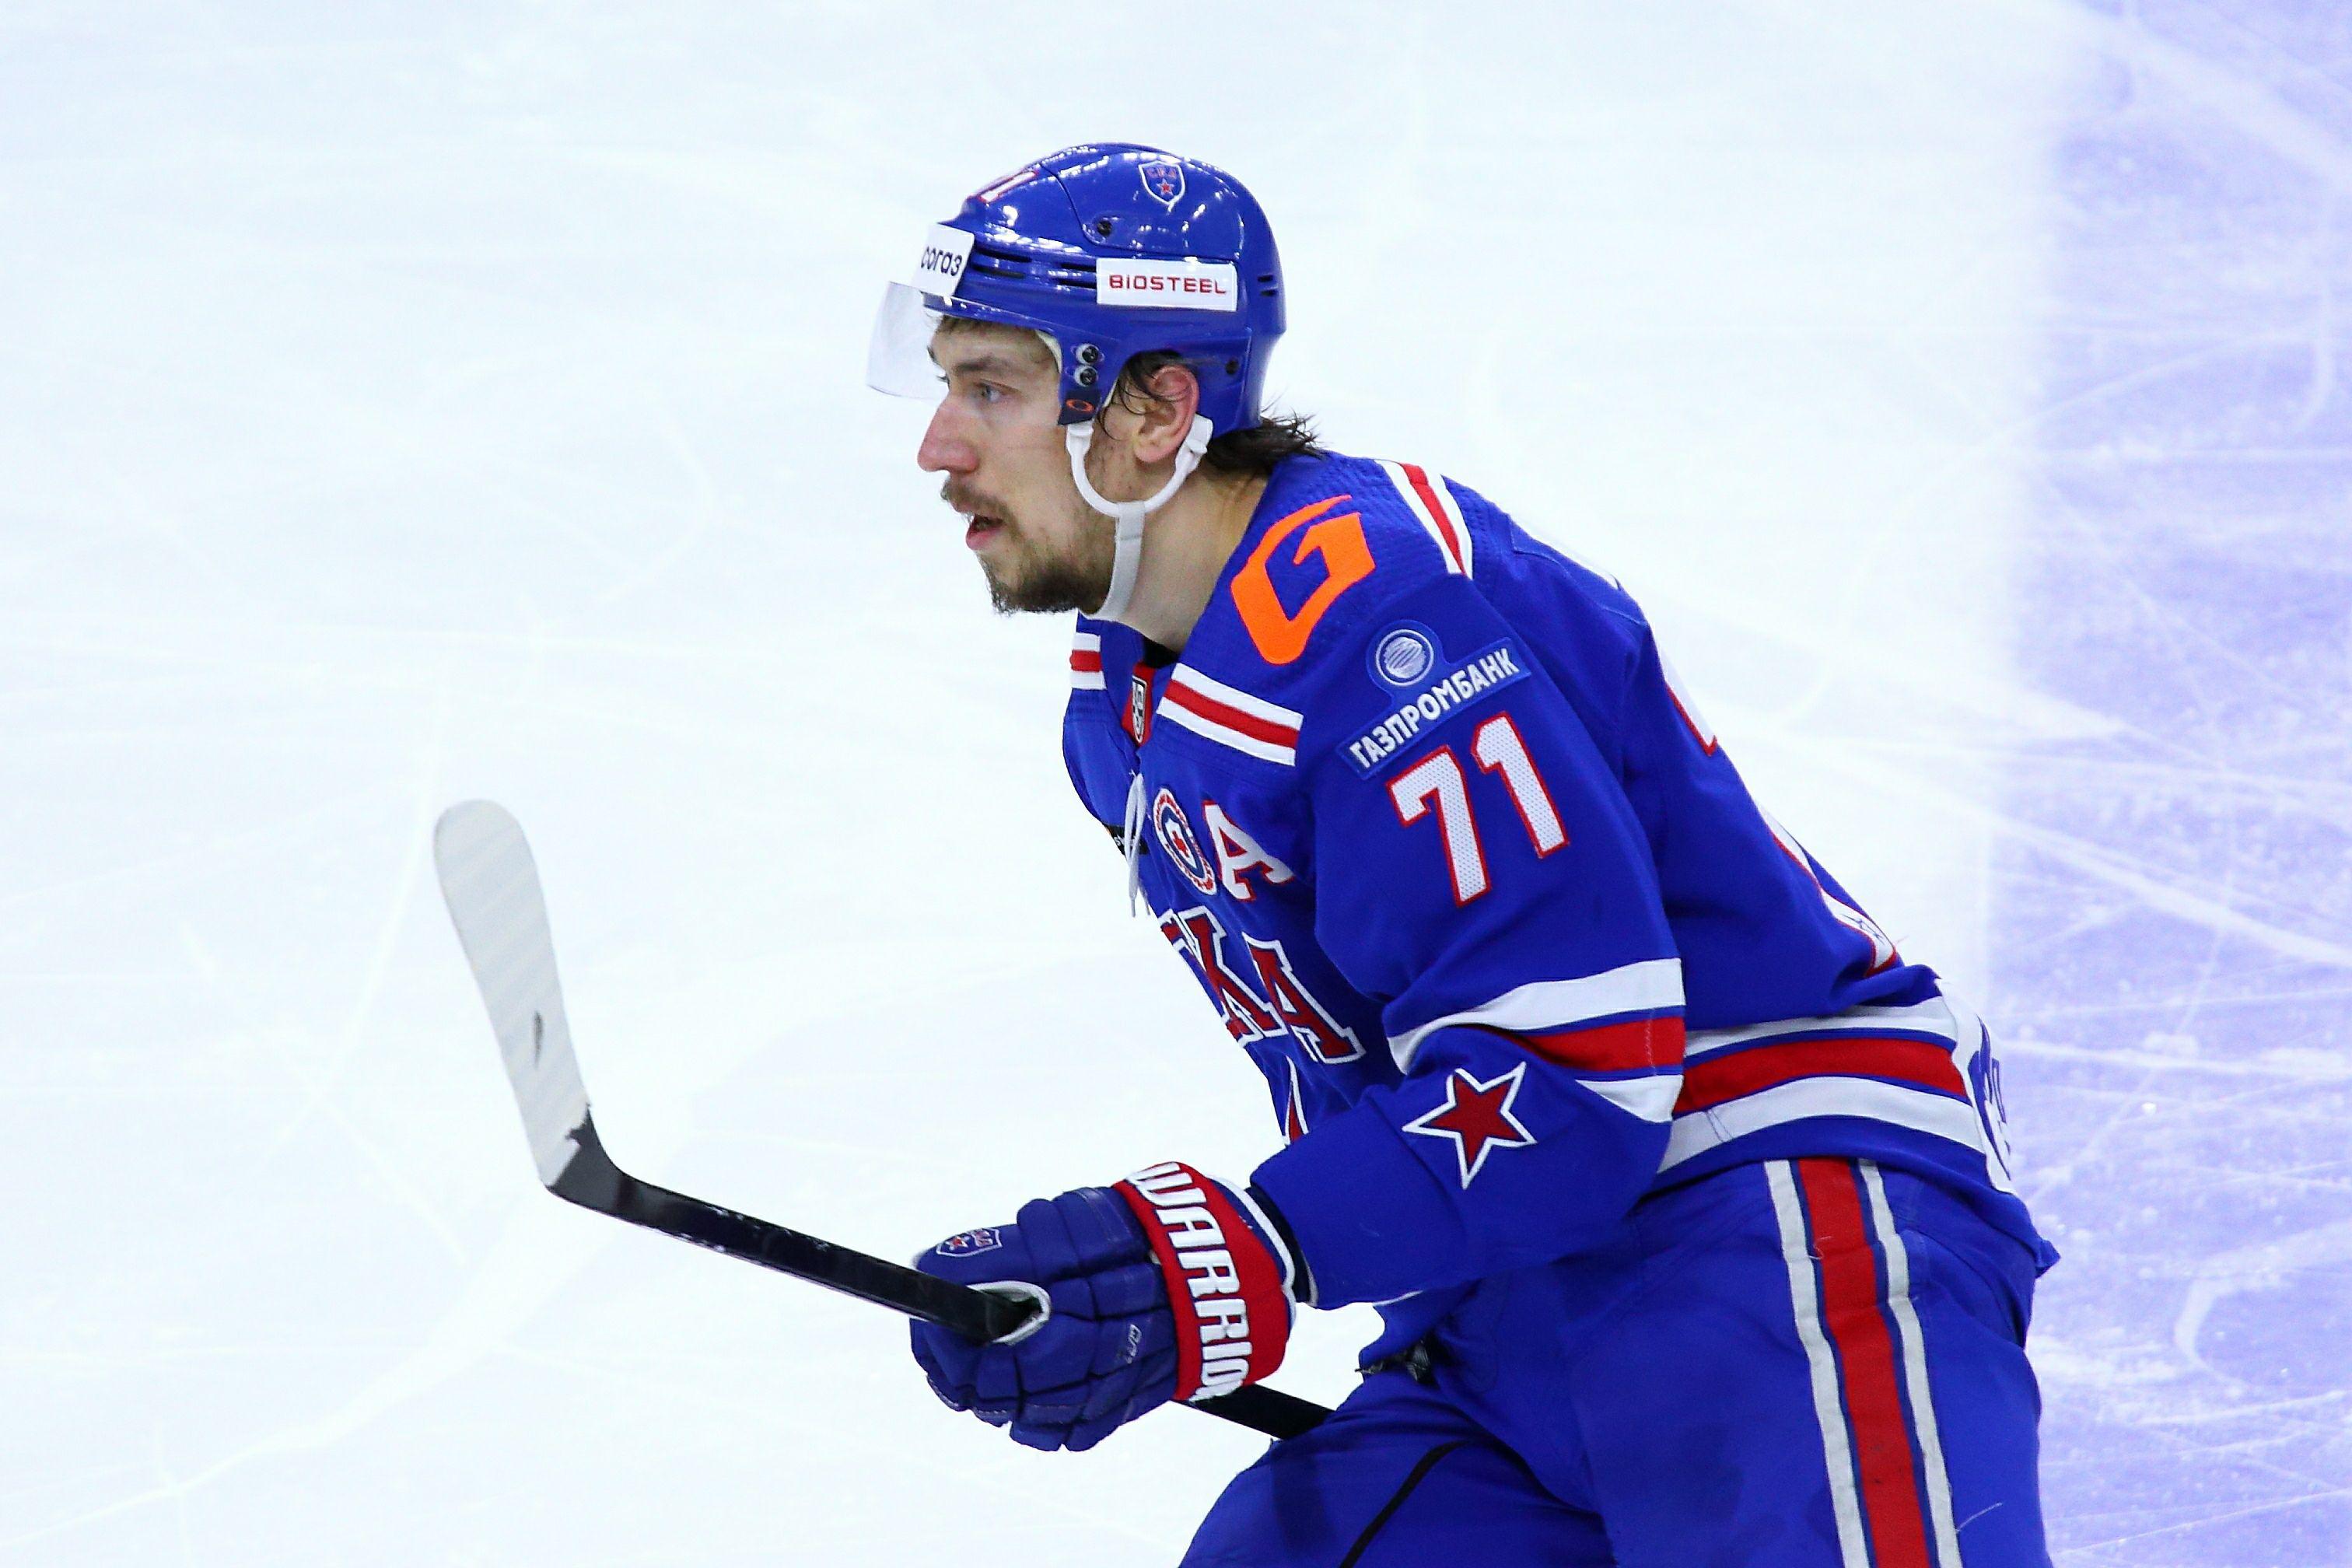 Бурдасов: 'С таким ЦСКА было трудно сделать камбек'